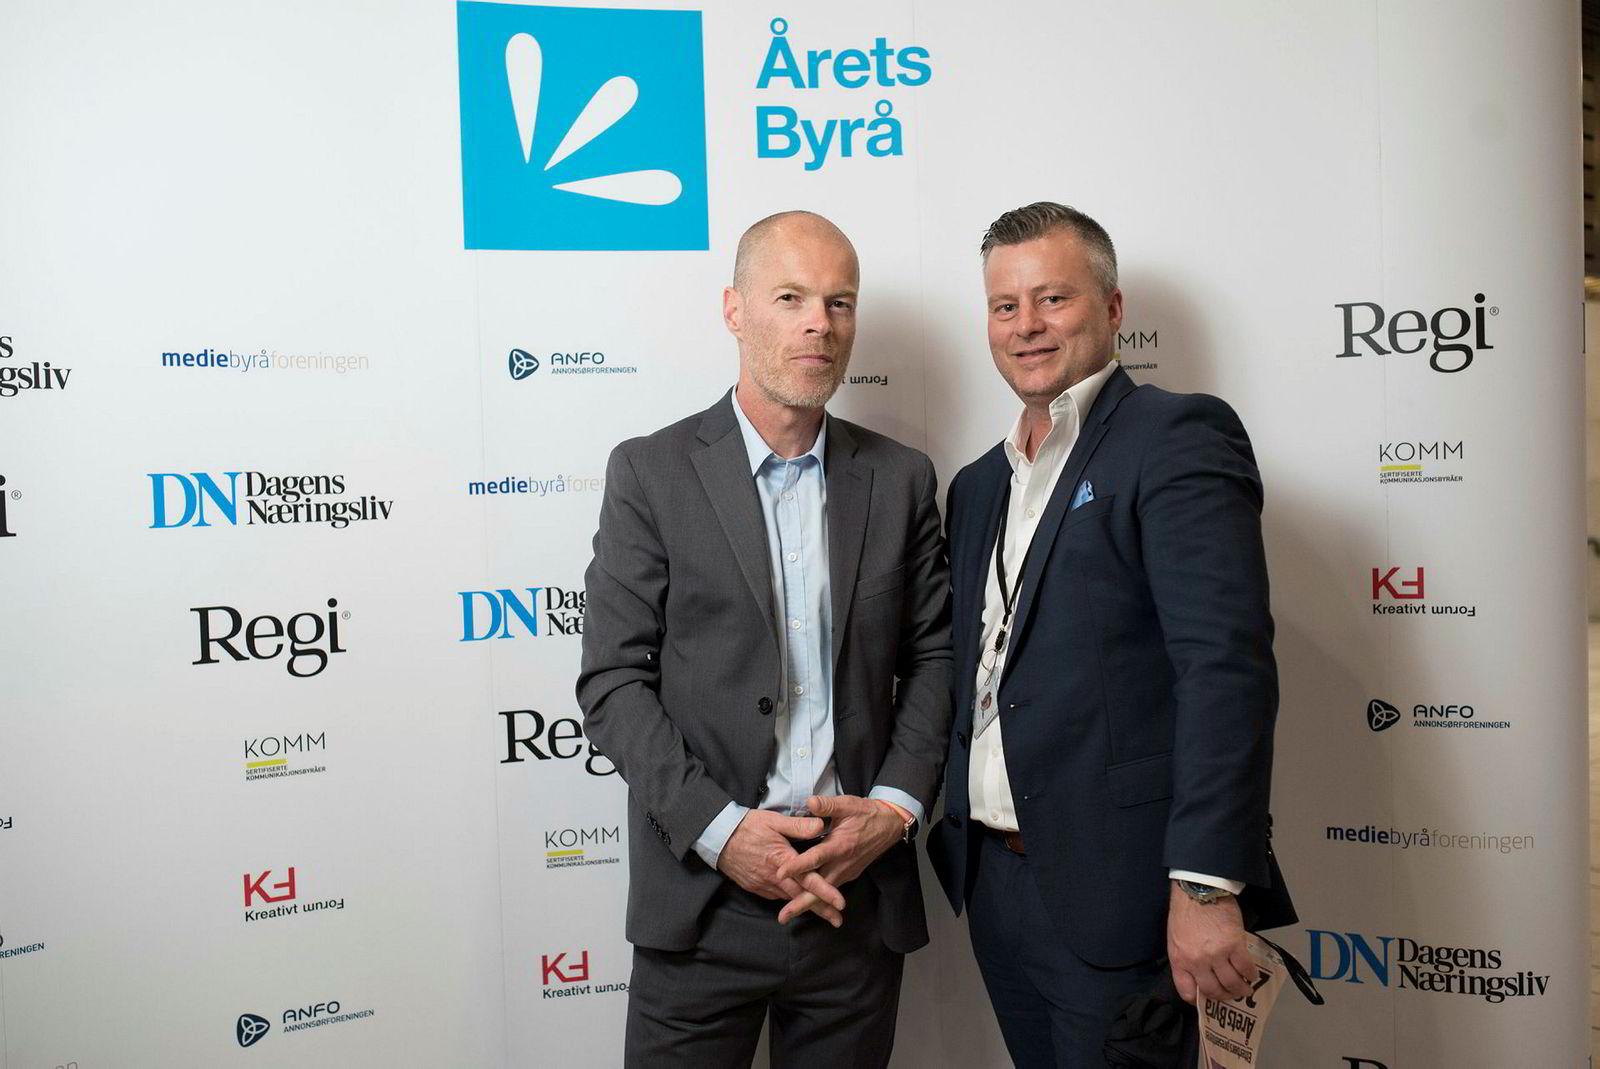 Fra venstre: Journalist Bjørn Eckblad og annonsedirektør Eirik Eckbo i Dagens Næringsliv.